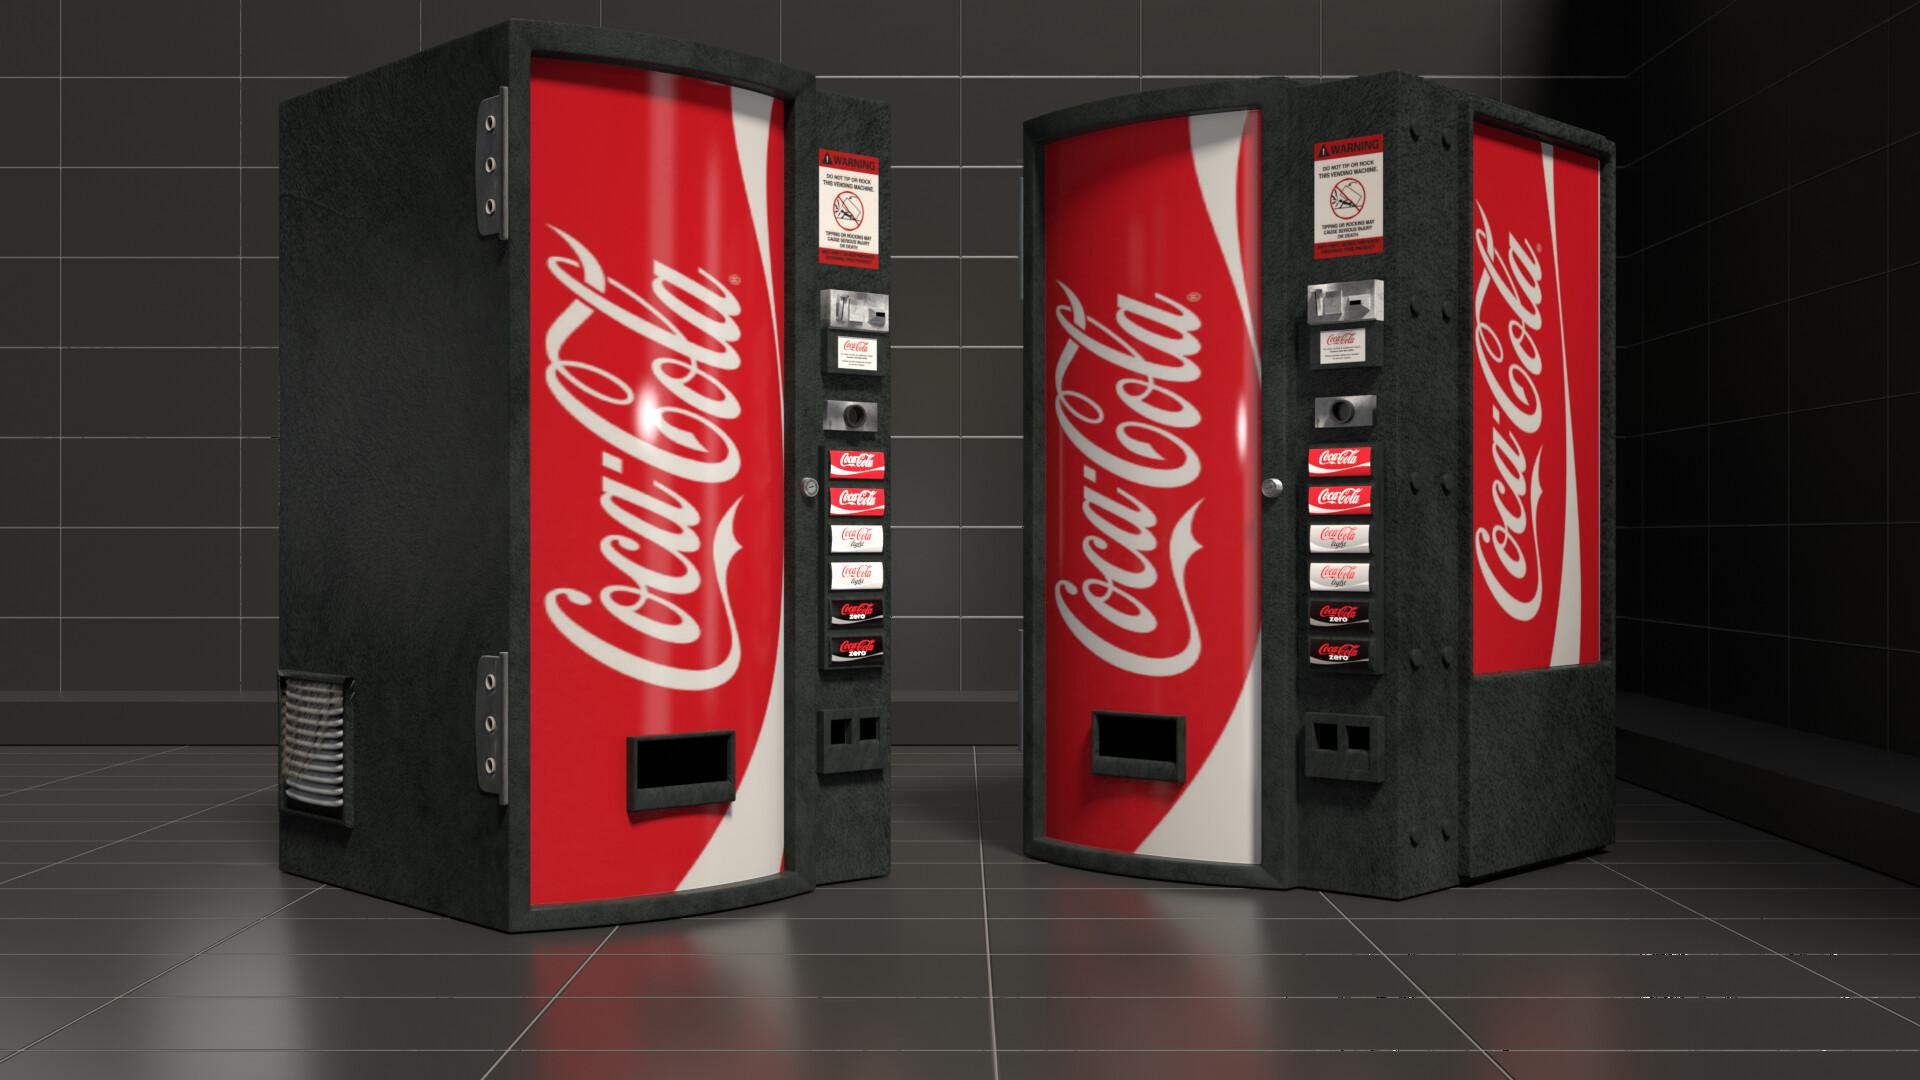 Máquinas expendedoras de Coca-Cola en Australia y Nueva Zelanda recibirán pagos en Bitcoin